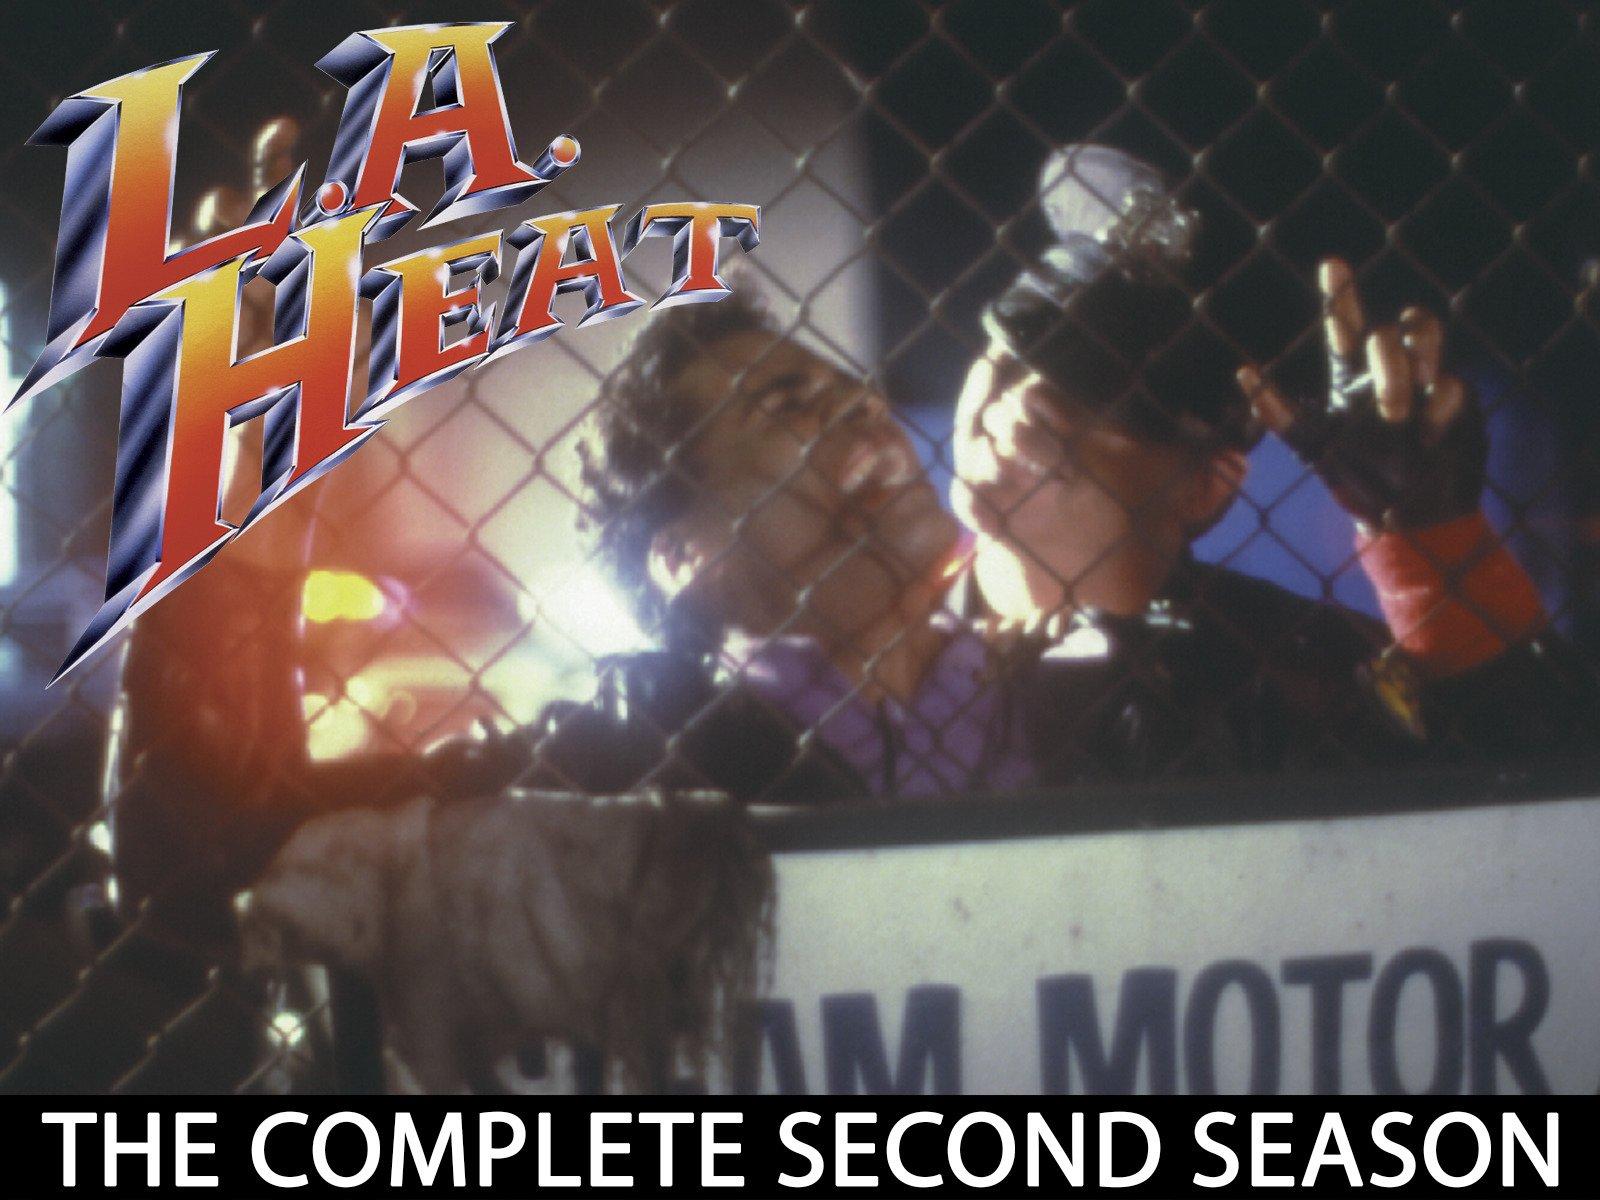 L.A. Heat - Season 2